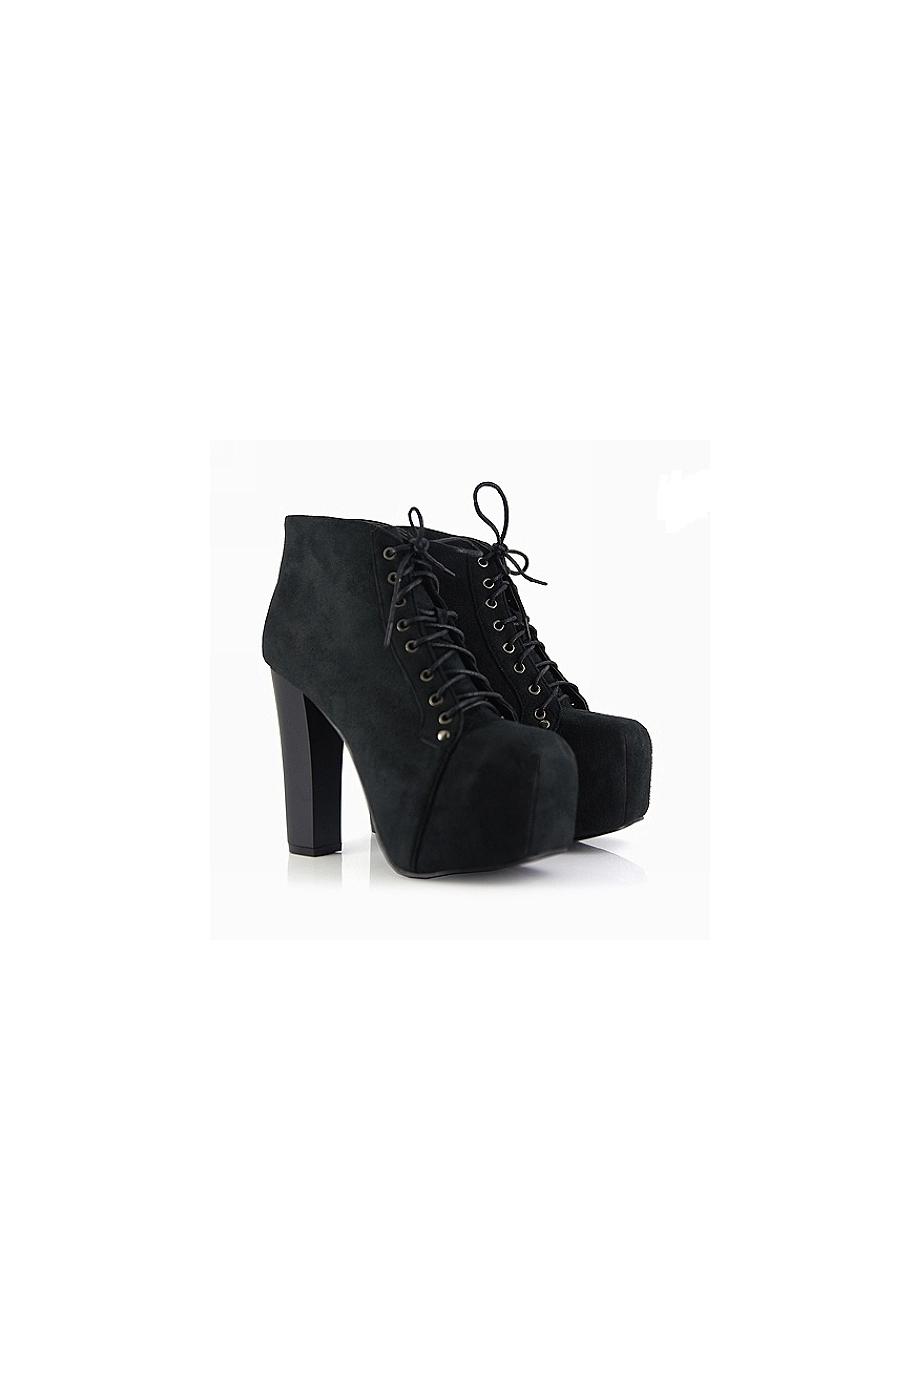 Black Platform Ankle Boots Shop Jeffrey Campbell Lita Inspired